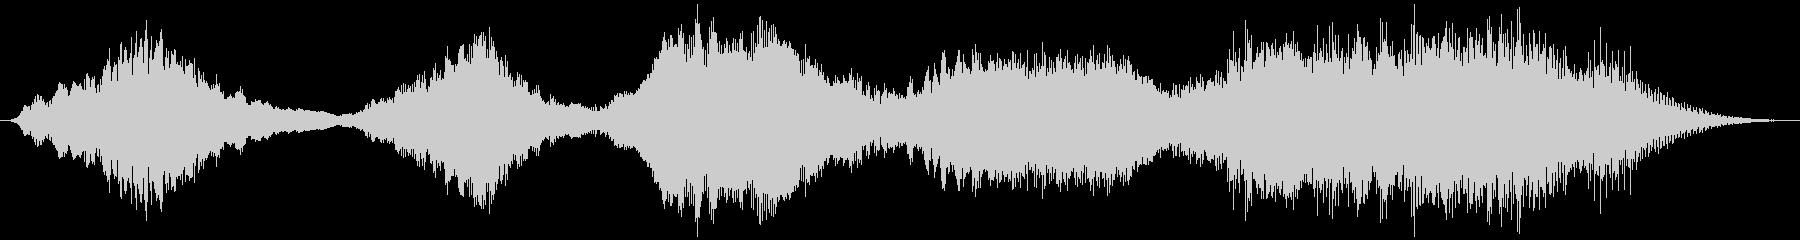 PADS 波状ドローン01の未再生の波形